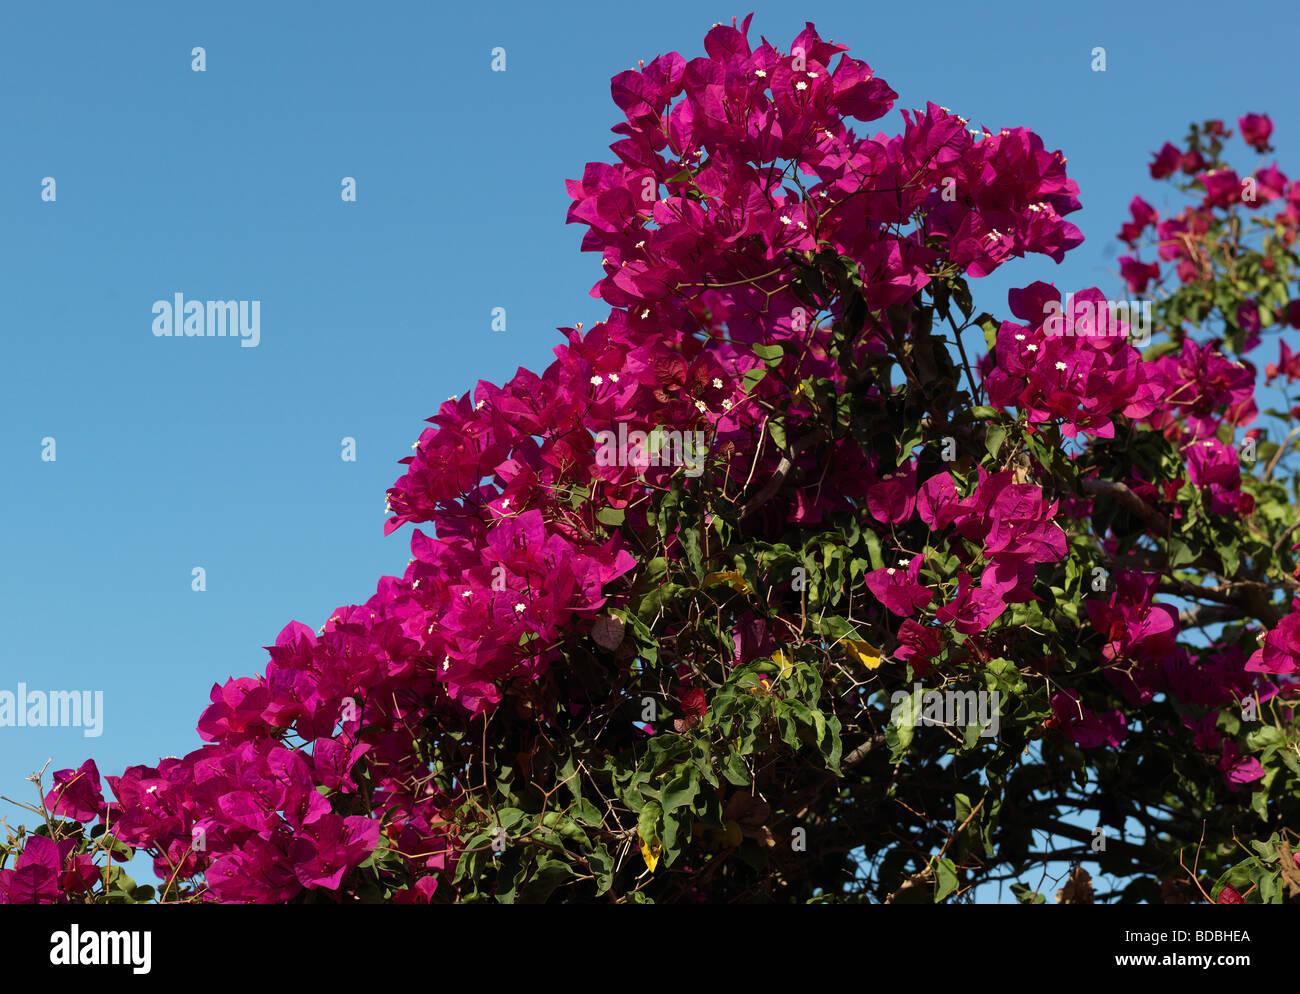 Blossom Bougainville, Bouganvilia pictured in Conil de la Frontera Andalusia Spain August 14 2009 . - Stock Image